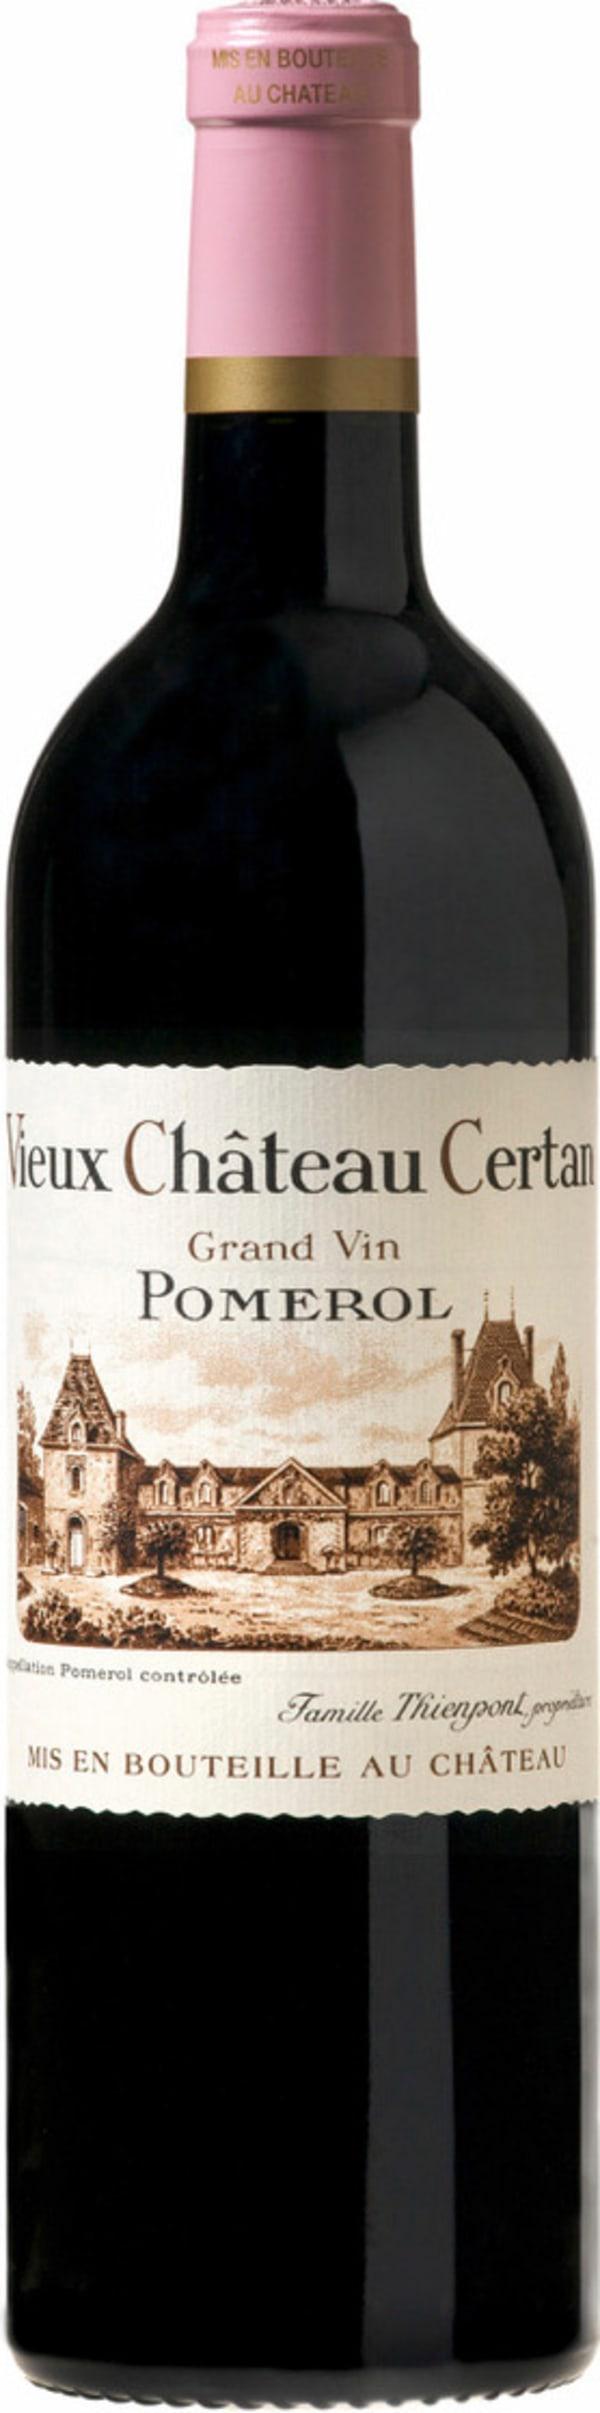 Vieux Château Certan Grand Vin 1999